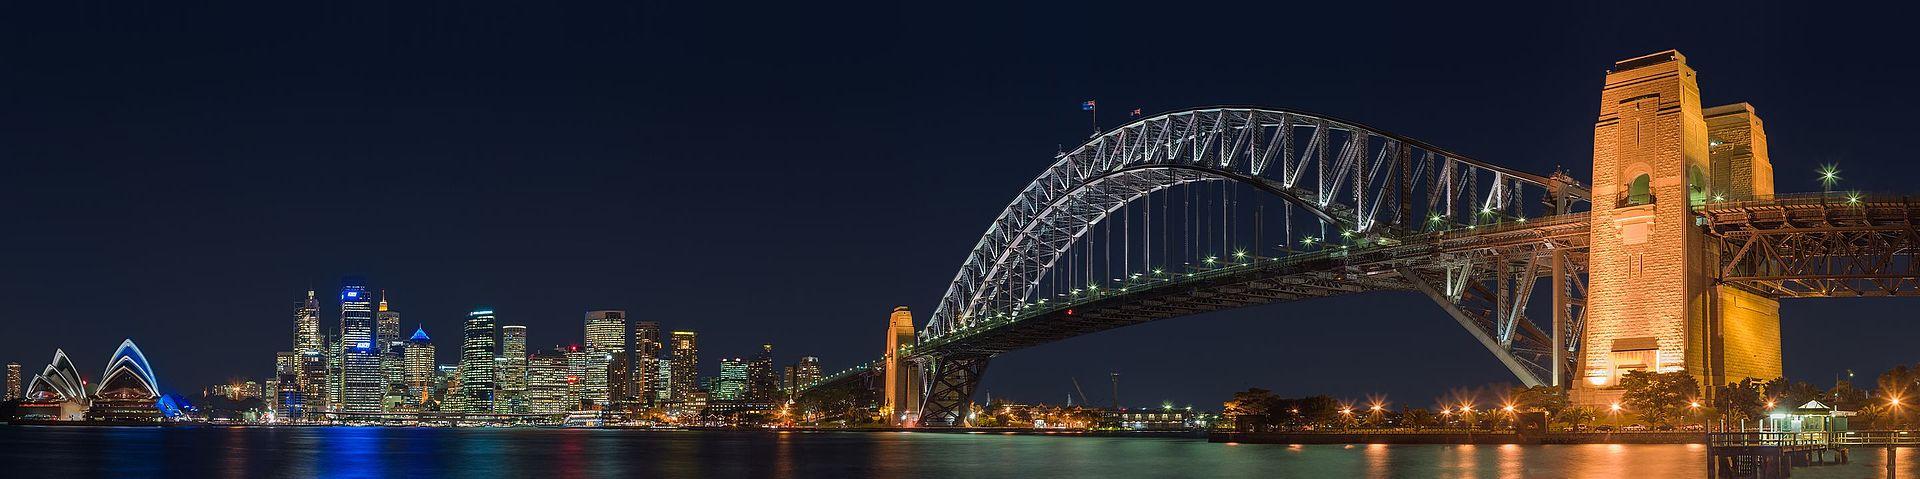 Avustralya Gezi Rehberi , Sidney Limanı ve Liman Körüsü